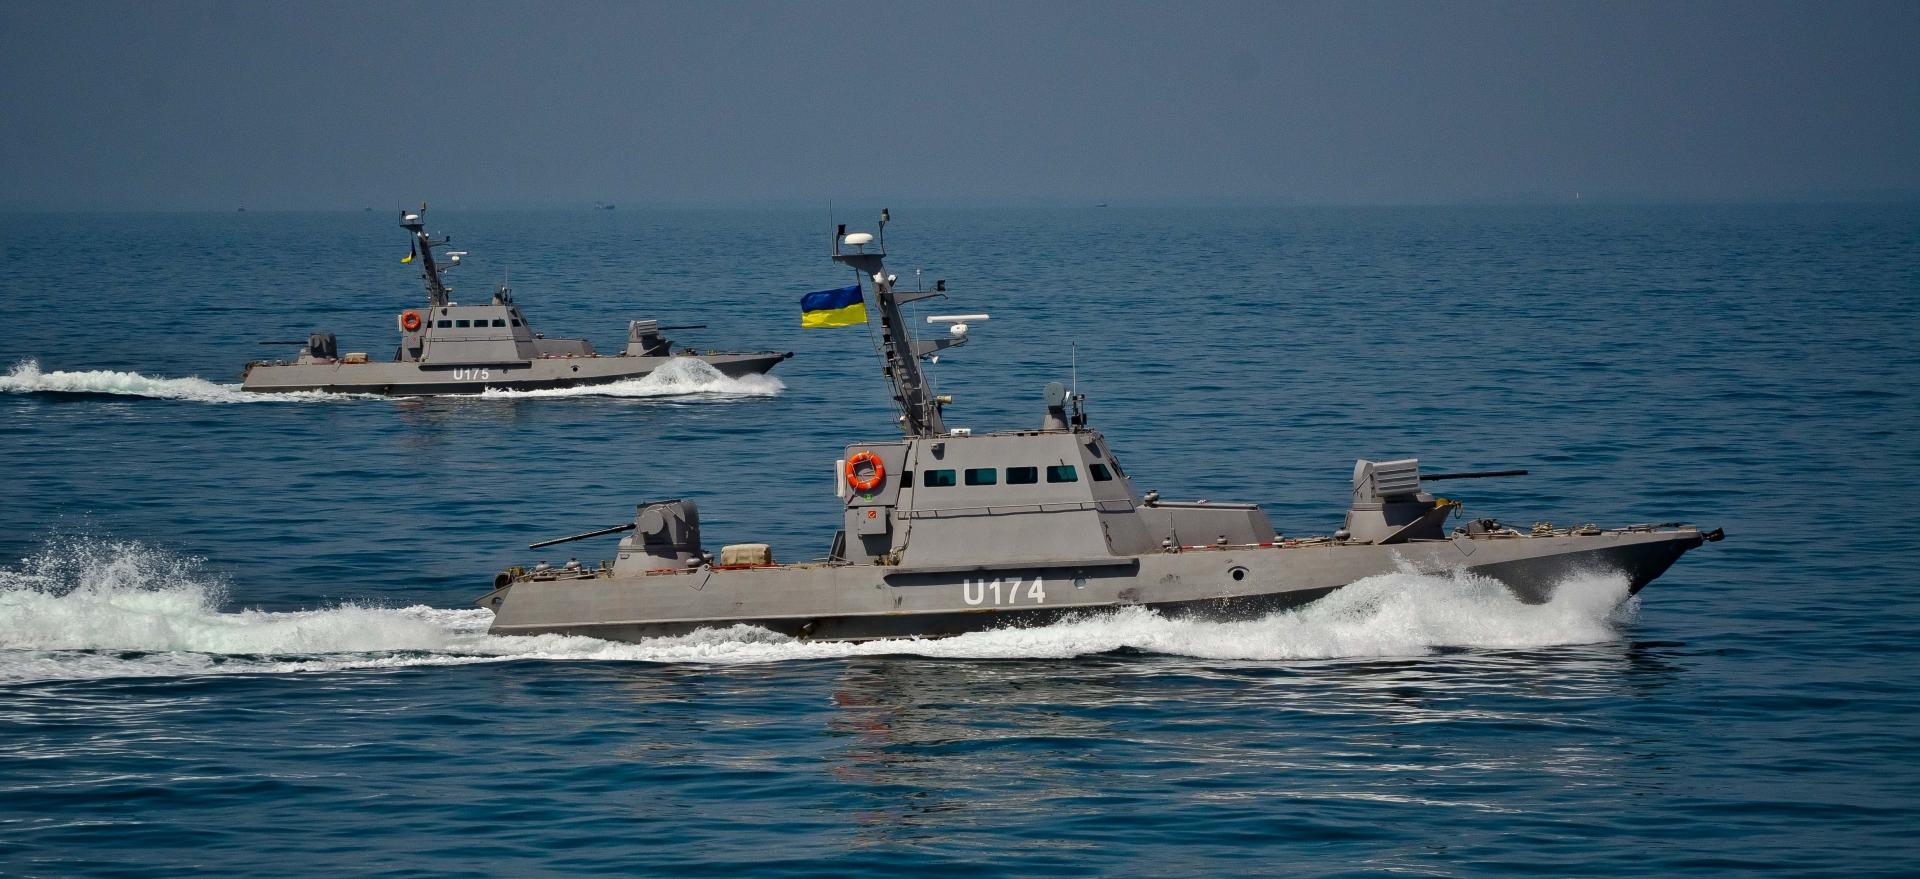 Такие-сякие! Вы что? Не могли корабли отремонтировать прежде чем отдать Украине?